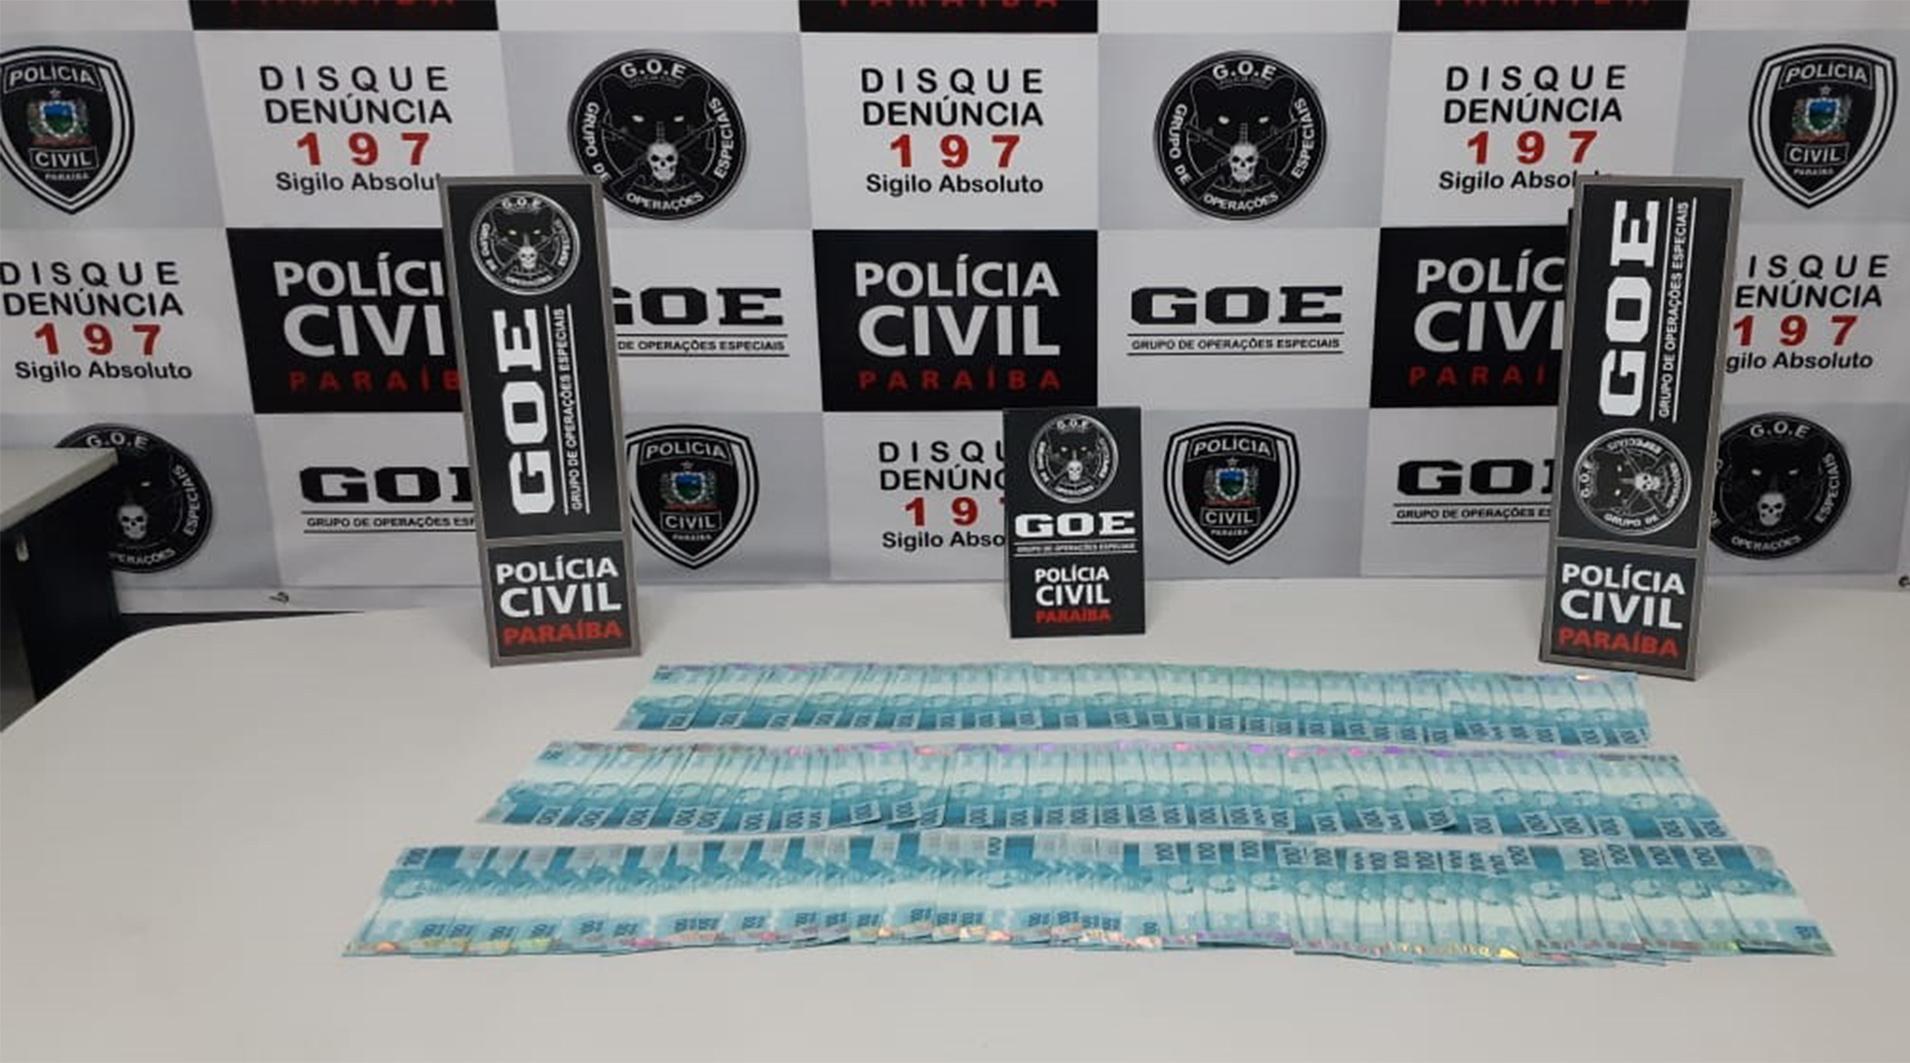 Grupo de Operações Especiais da Polícia Civil prende homem com R$ 10 mil em notas falsas